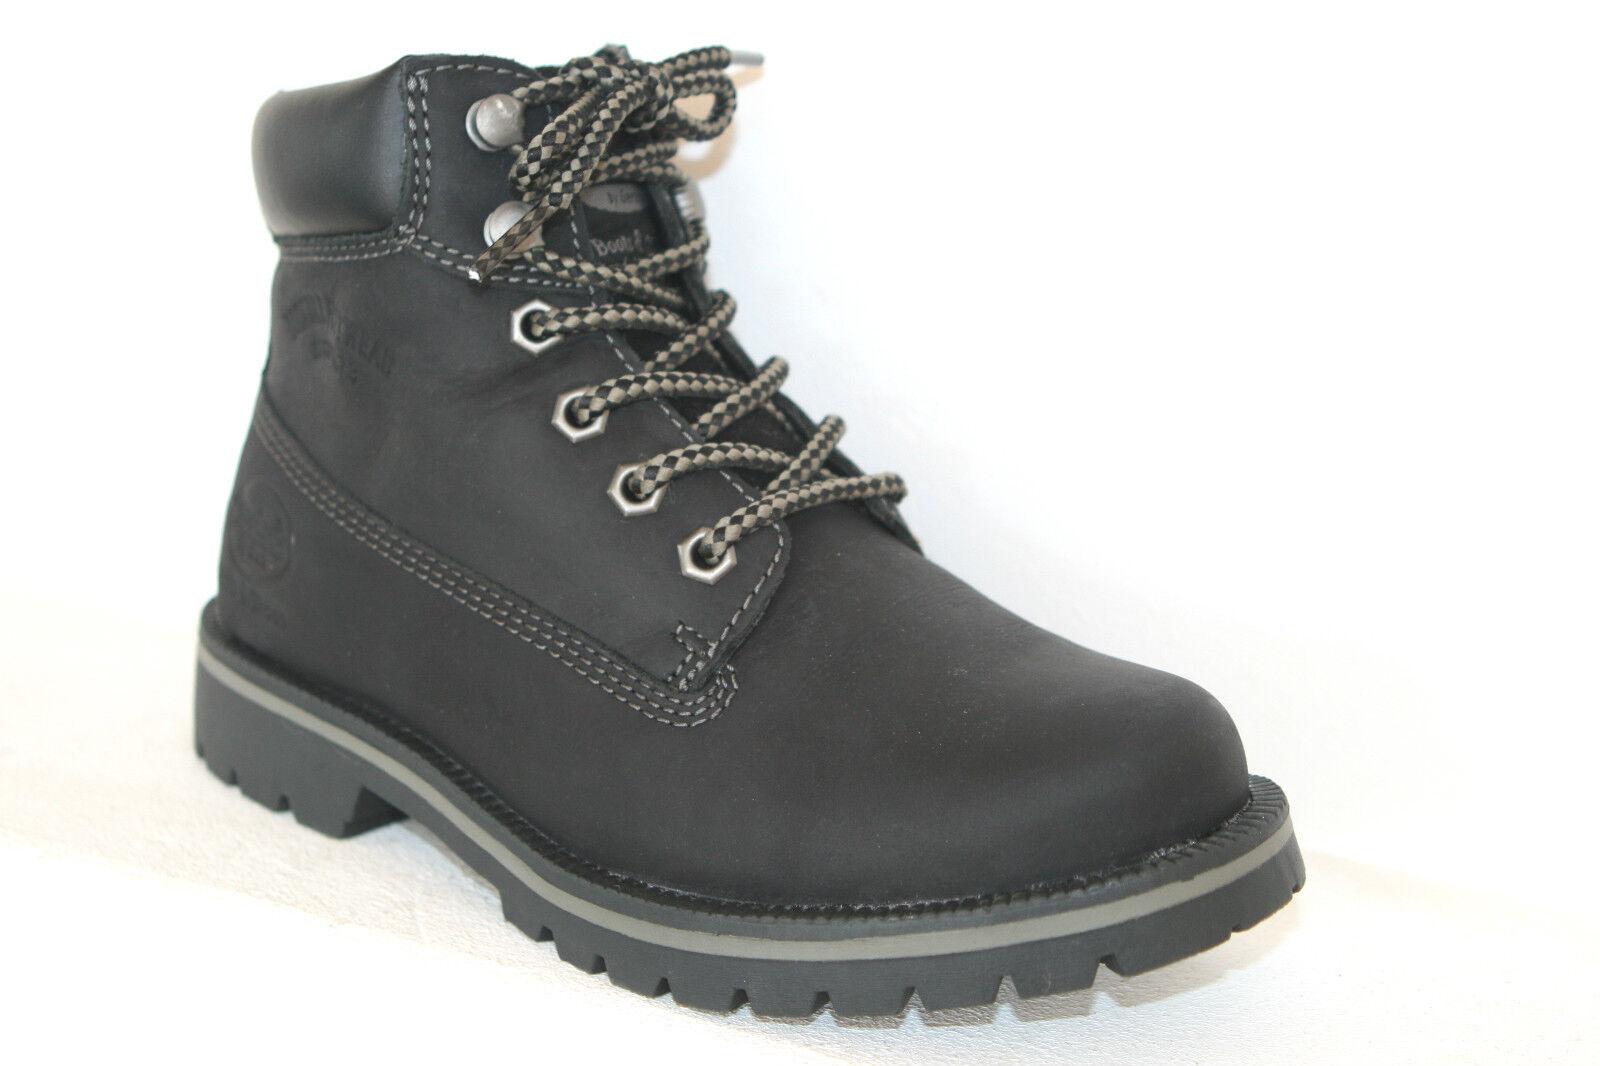 Dockers Wanderschuhe Stiefel Stiefel Damen Jungen Mädchen Leder schwarz